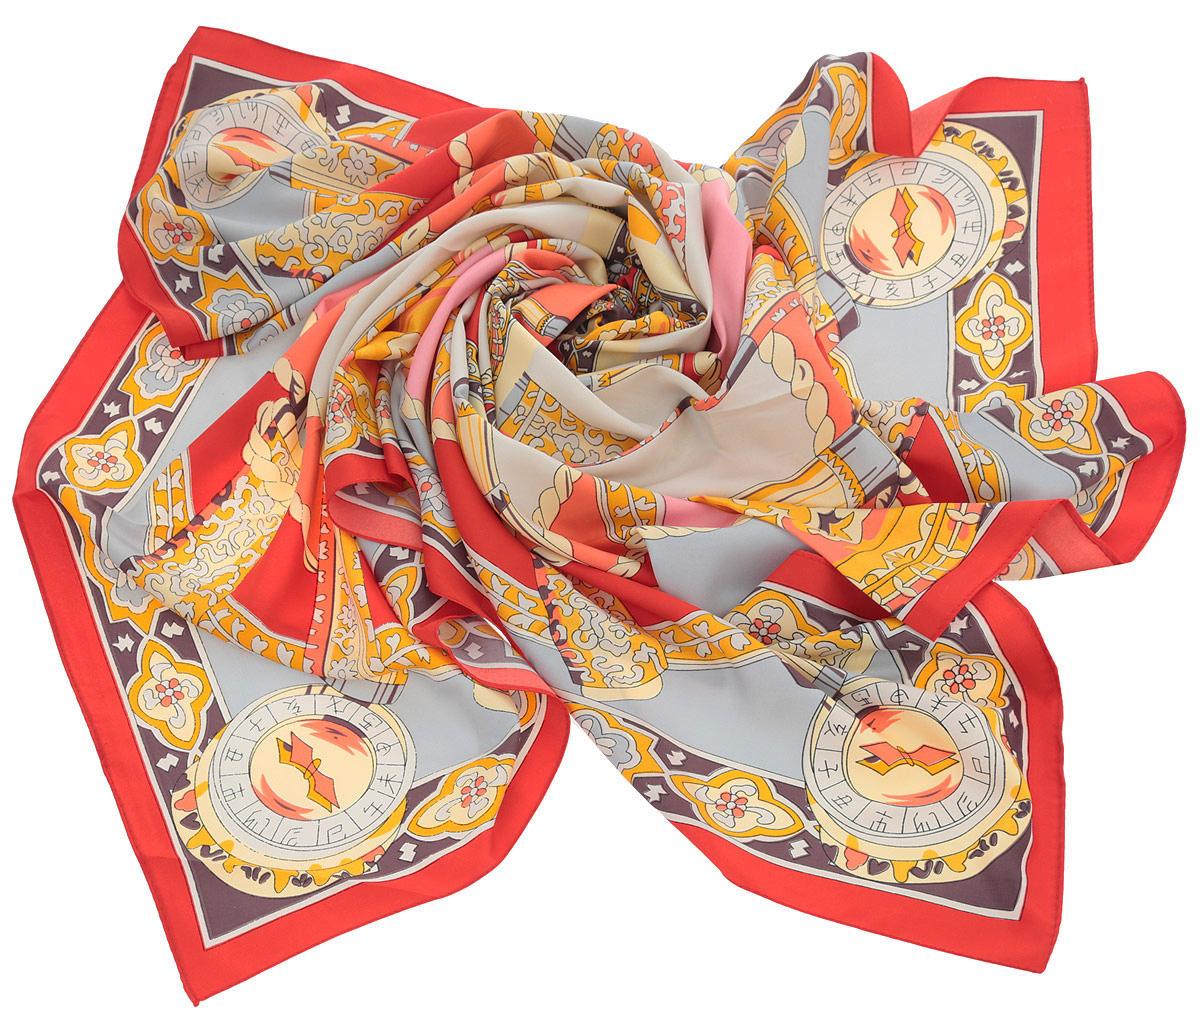 ПлатокHL-21514-10Оригинальный платок от Laura Milano станет изысканным аксессуаром, который подчеркнет ваши индивидуальность и очарование. Платок изготовлен из полиэстера и оформлен потрясающим узором. Платок Laura Milano станет вашим верным спутником, а окружающие обязательно будут обращать свое восторженное внимание на вас.